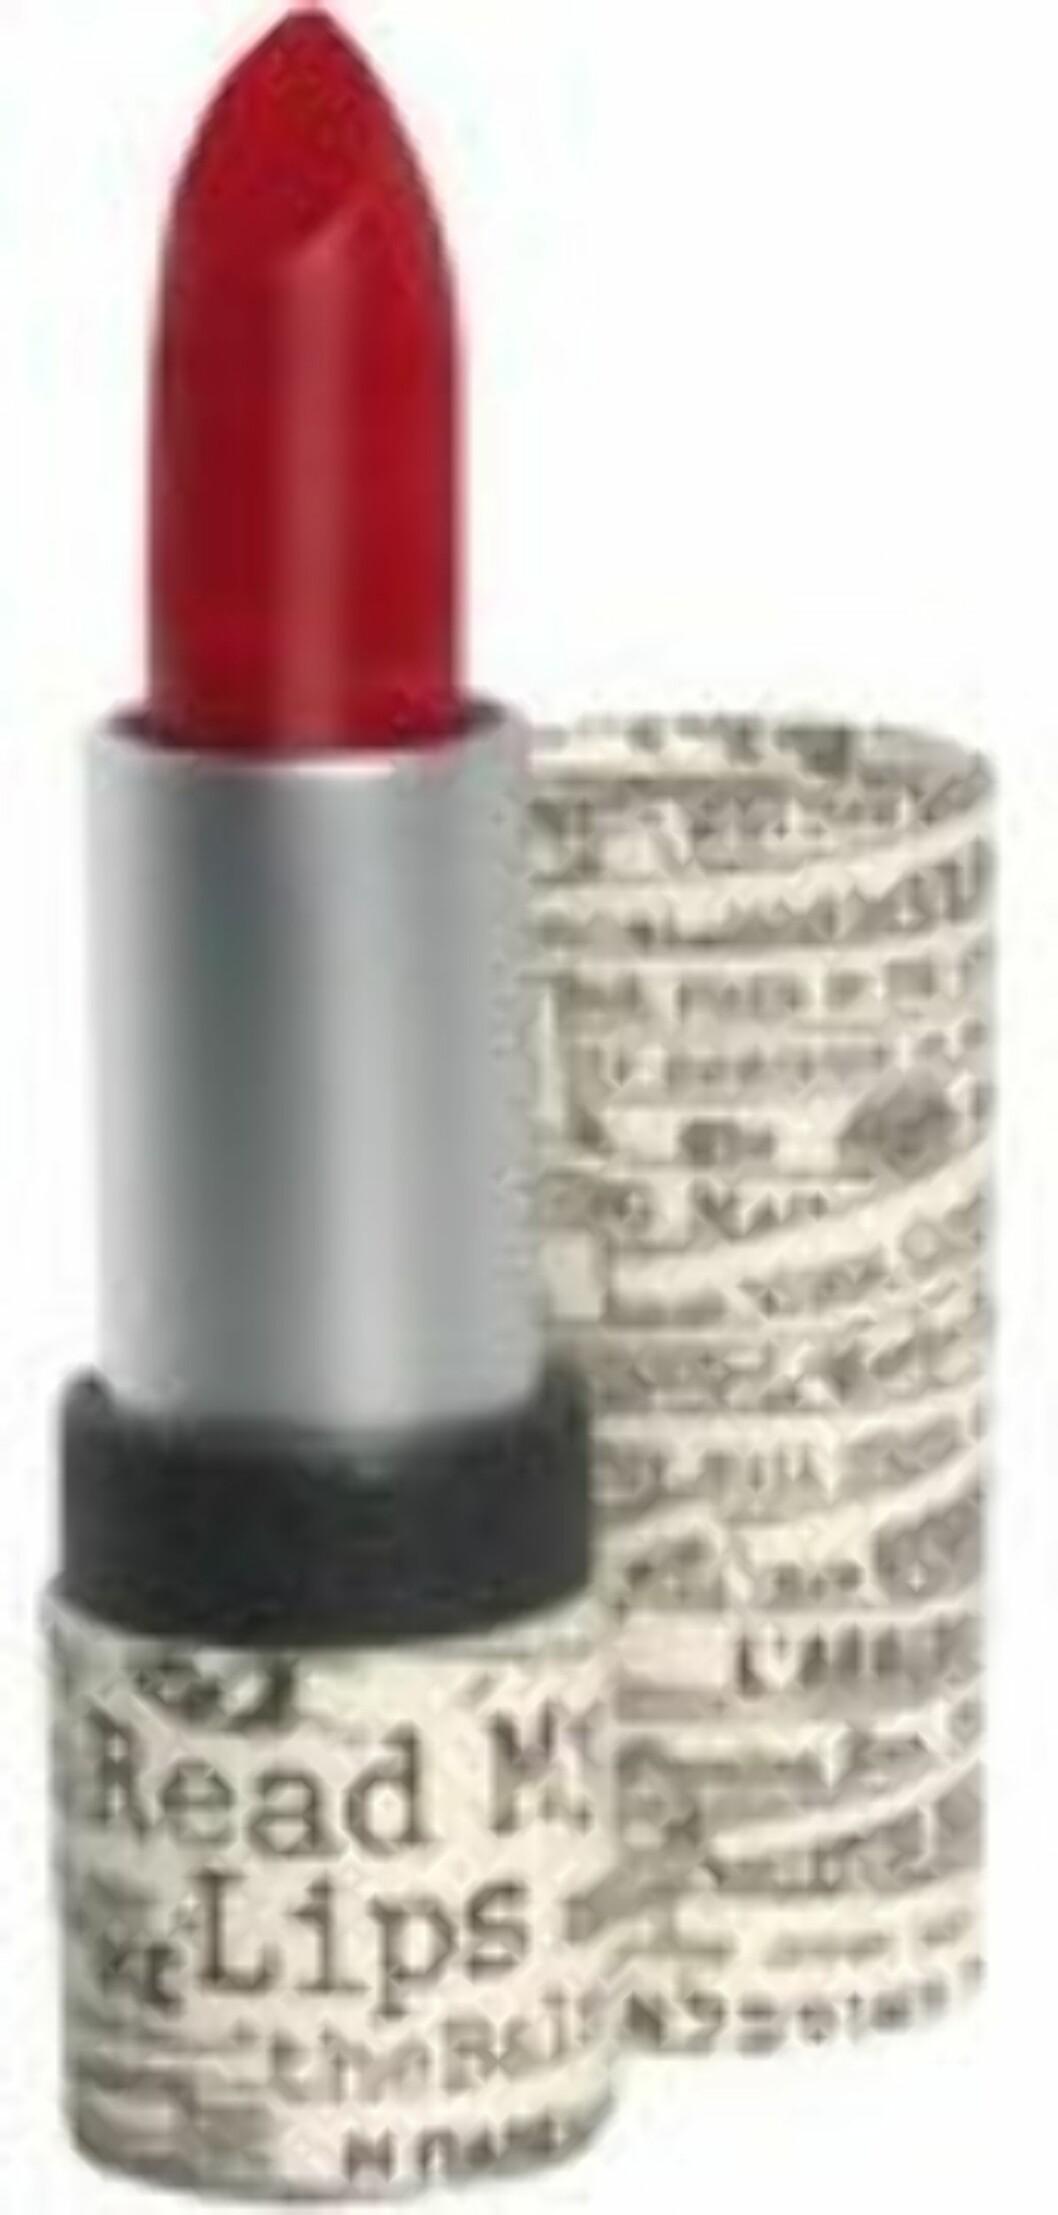 Leppestiften Read My Lips fra The Balm i fargen Wanted inneholder vitamin A og E, olivenolje og jojobaolje, som gir en kremete konsistens, kr 149.  Foto: Produsenten